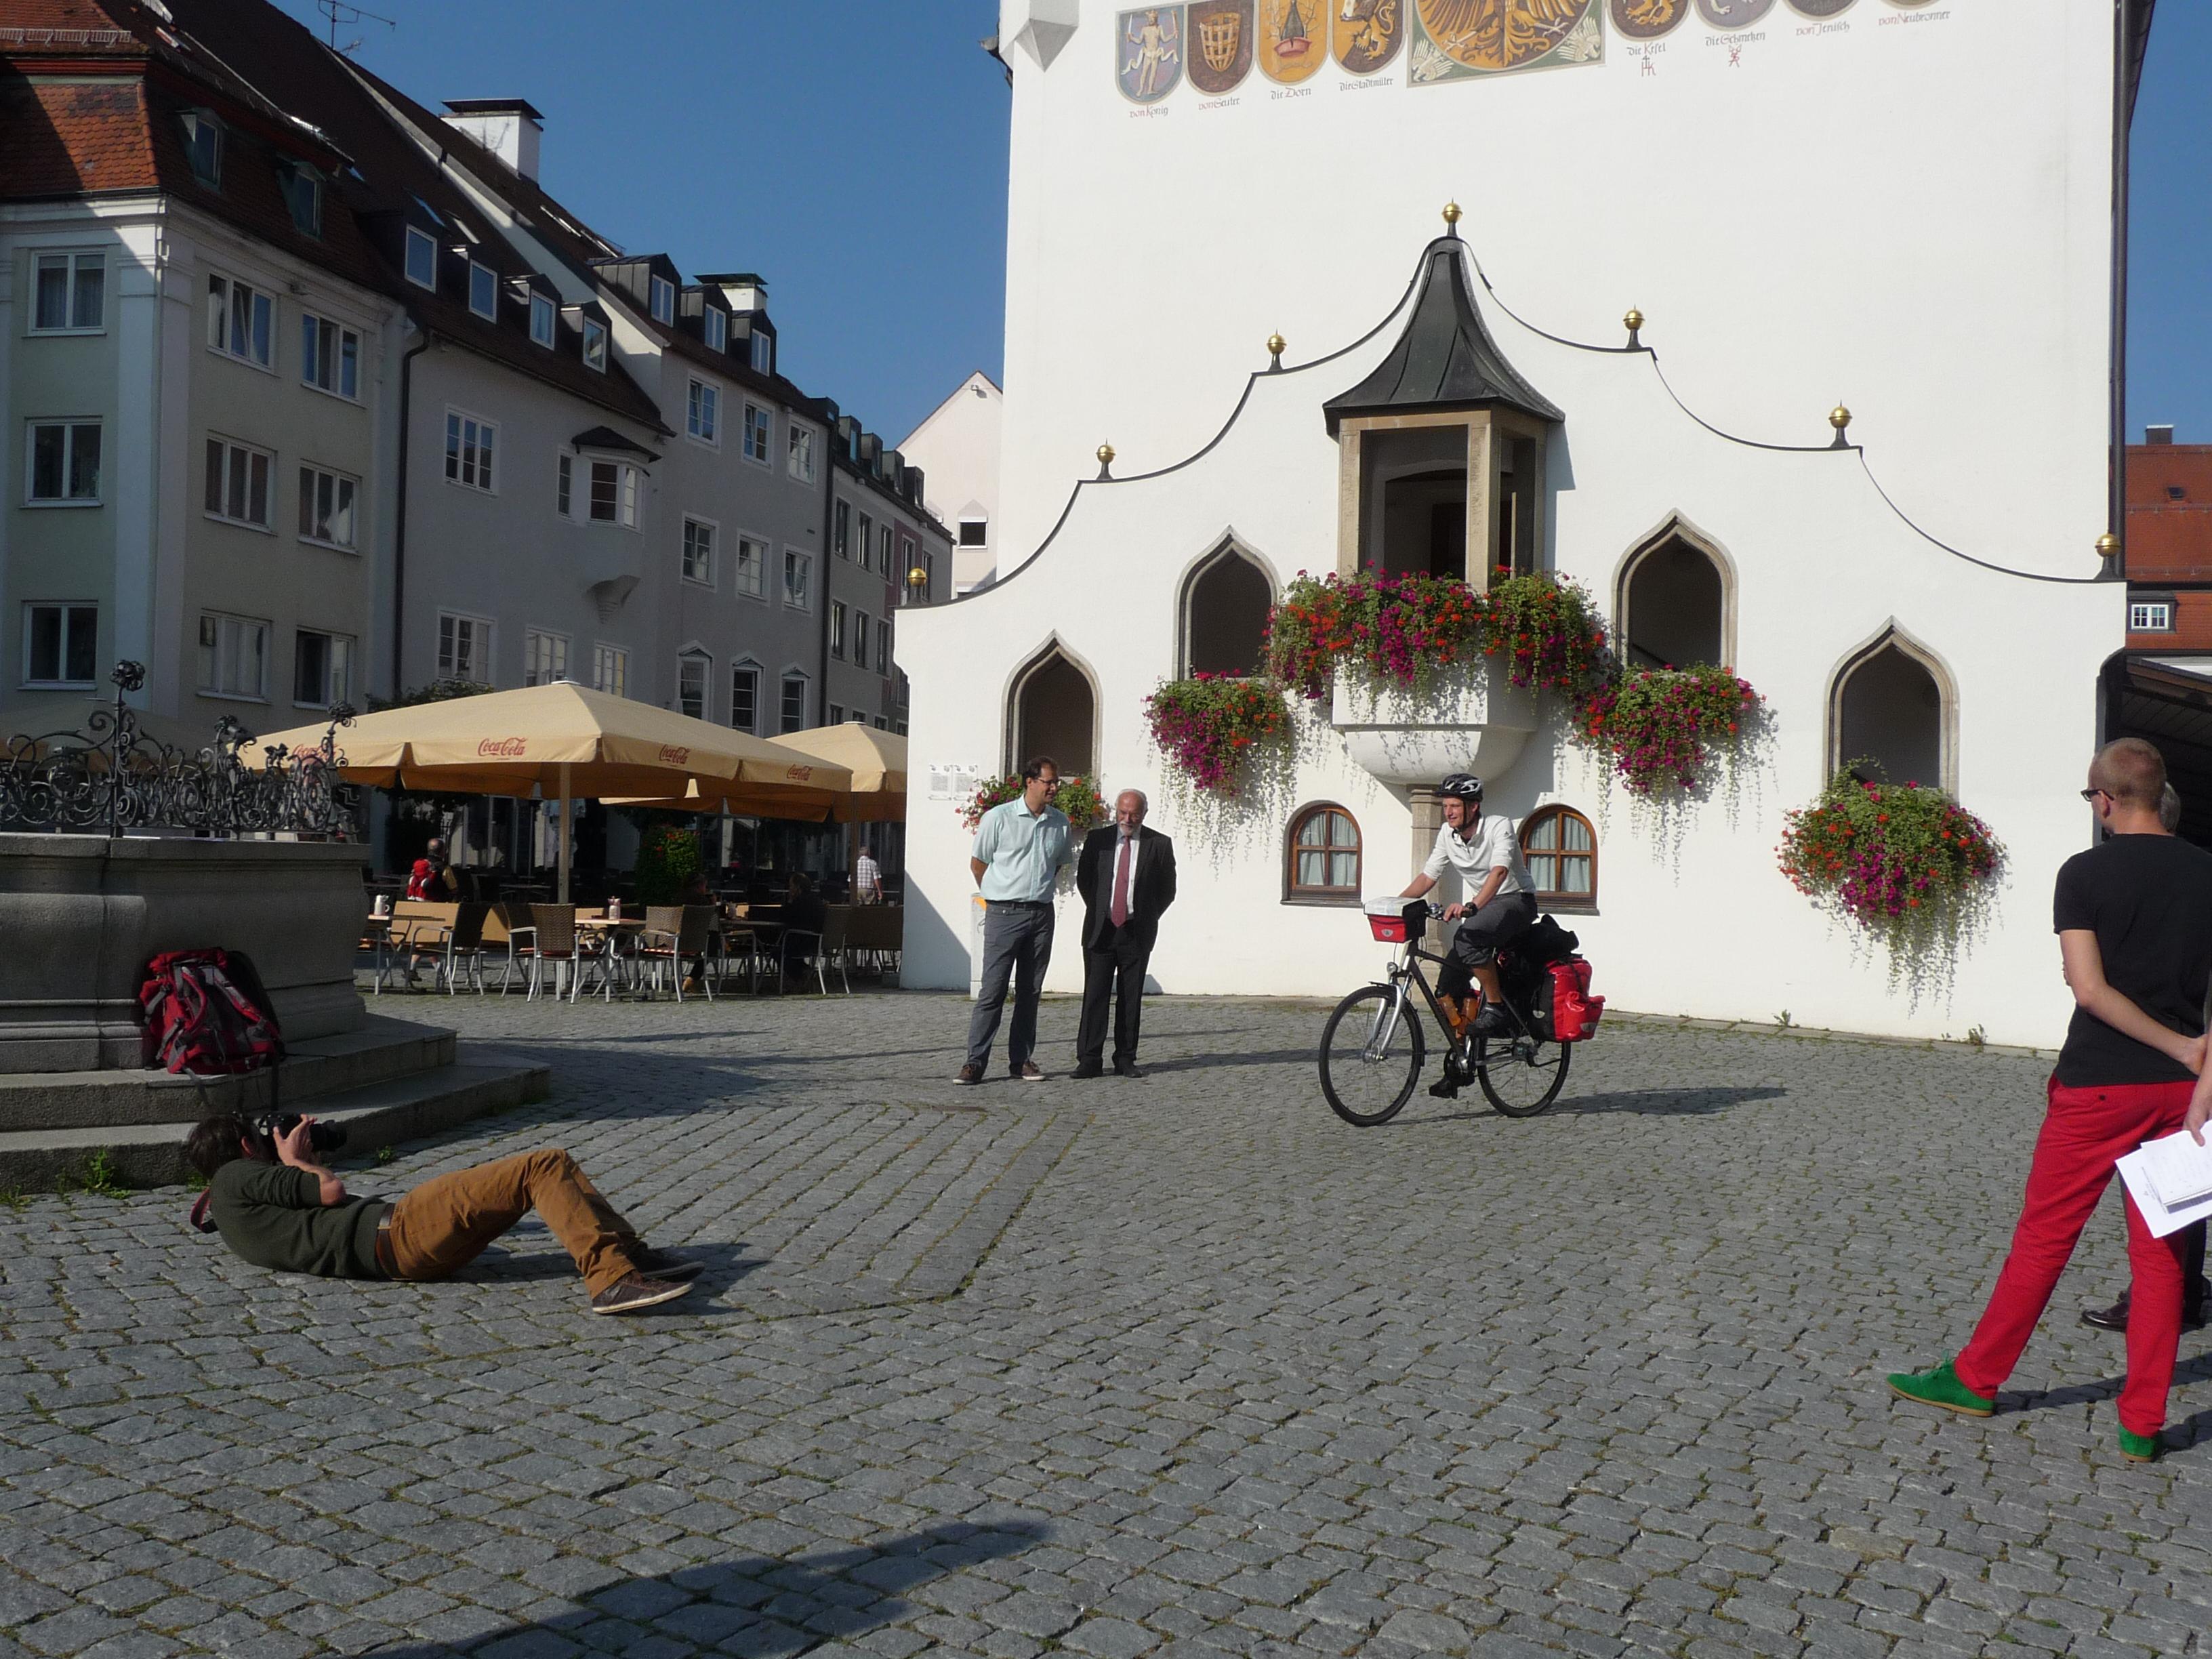 Projektstart, Tourauftakt & Pressetermin in Kempten